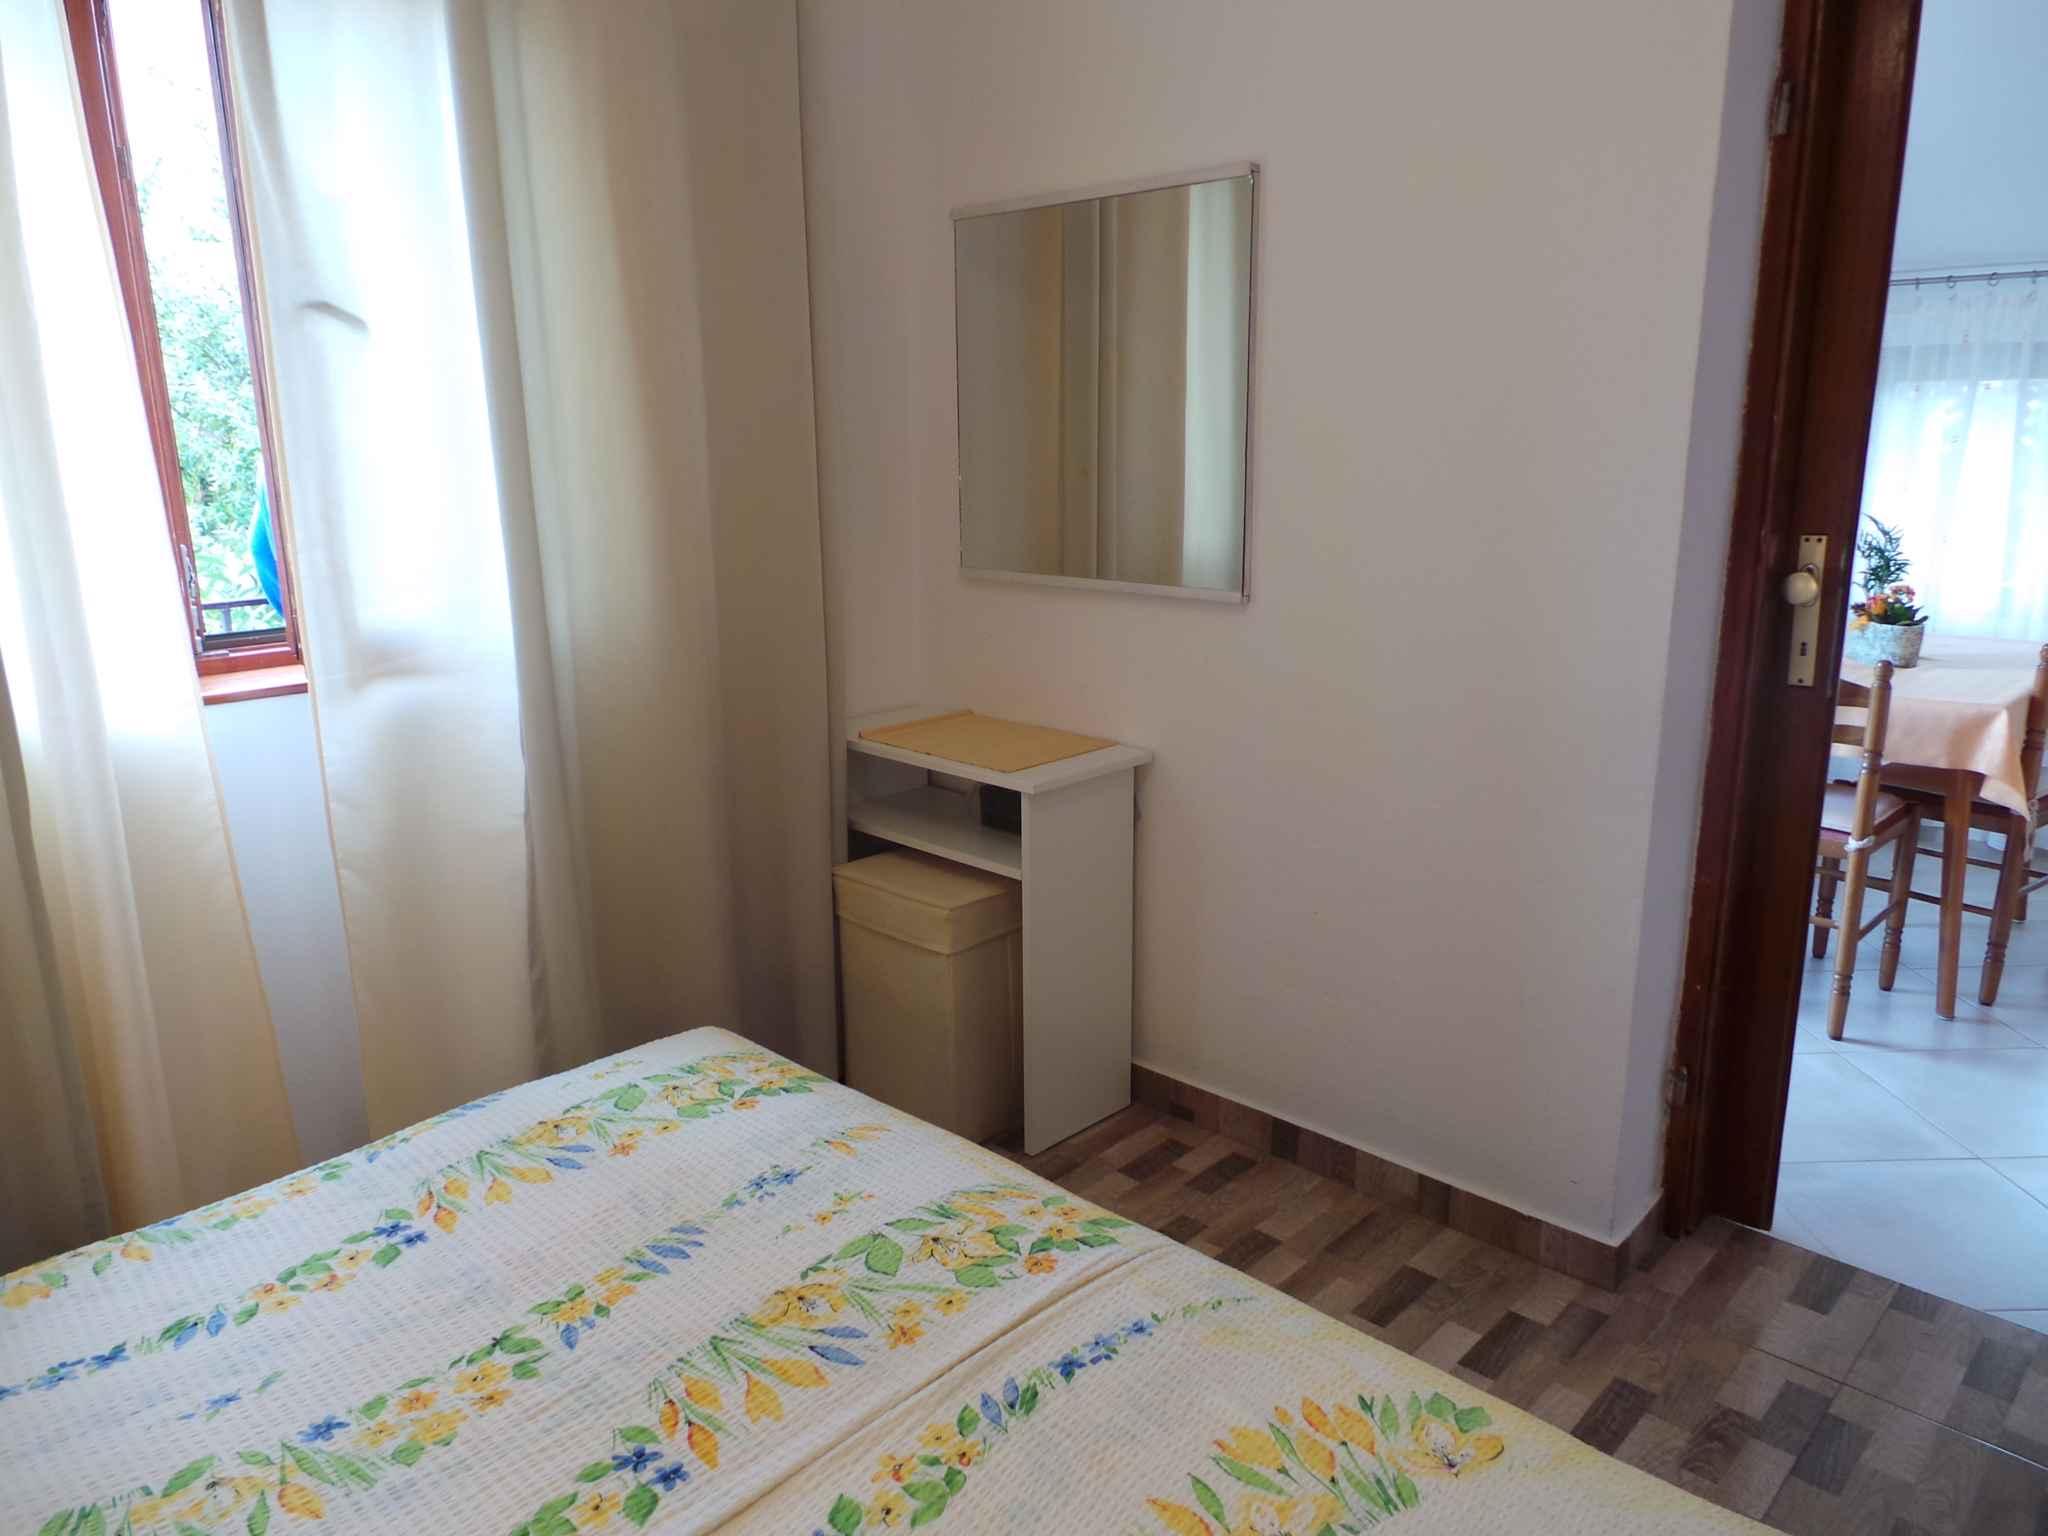 Ferienwohnung sa internetom (280324), Porec, , Istrien, Kroatien, Bild 12